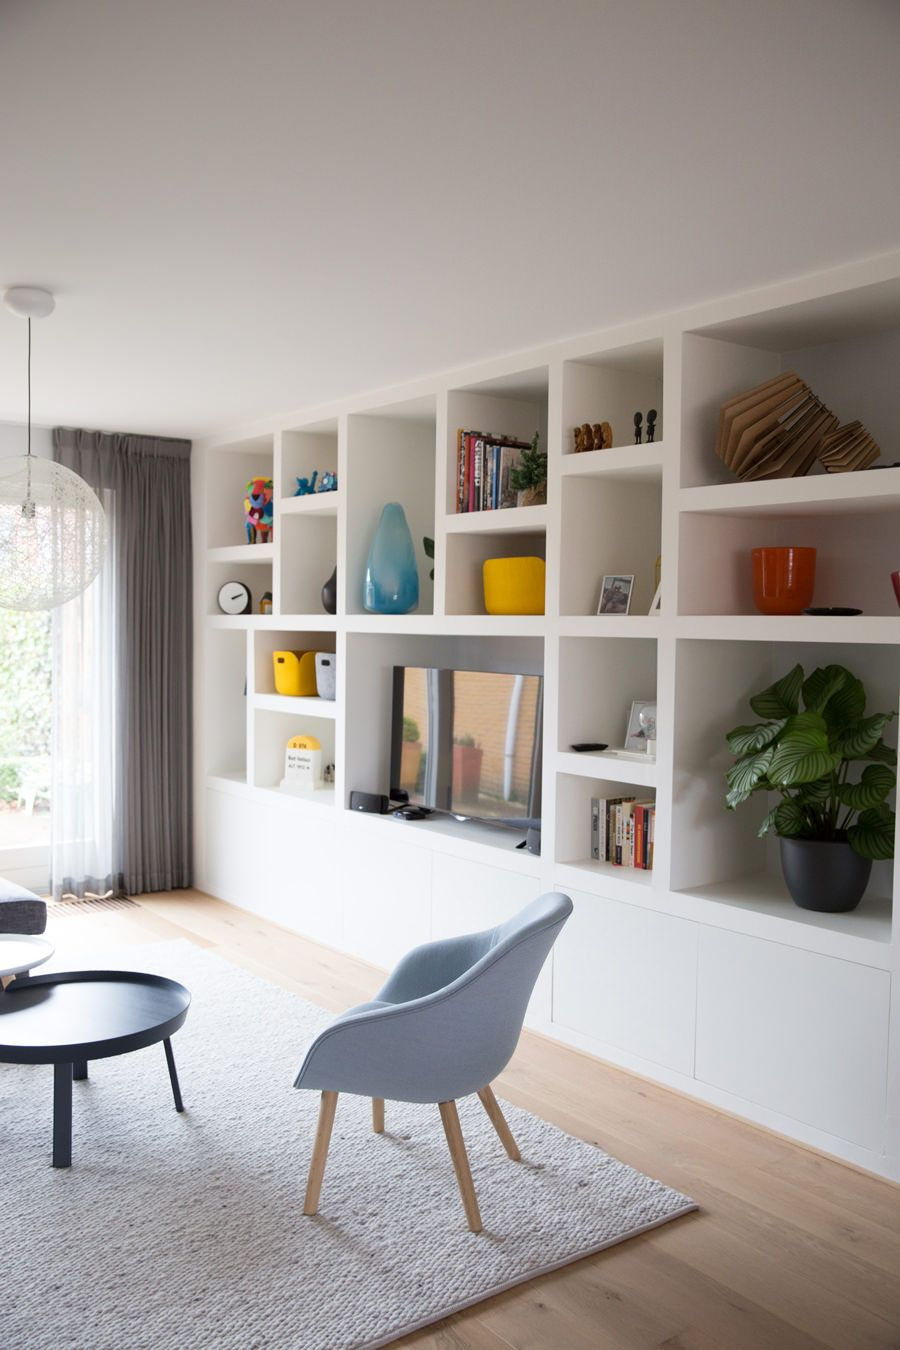 Costruire Mensole Per Libreria A Muro.Parete Attrezzata In Cartongesso Per Un Soggiorno Moderno